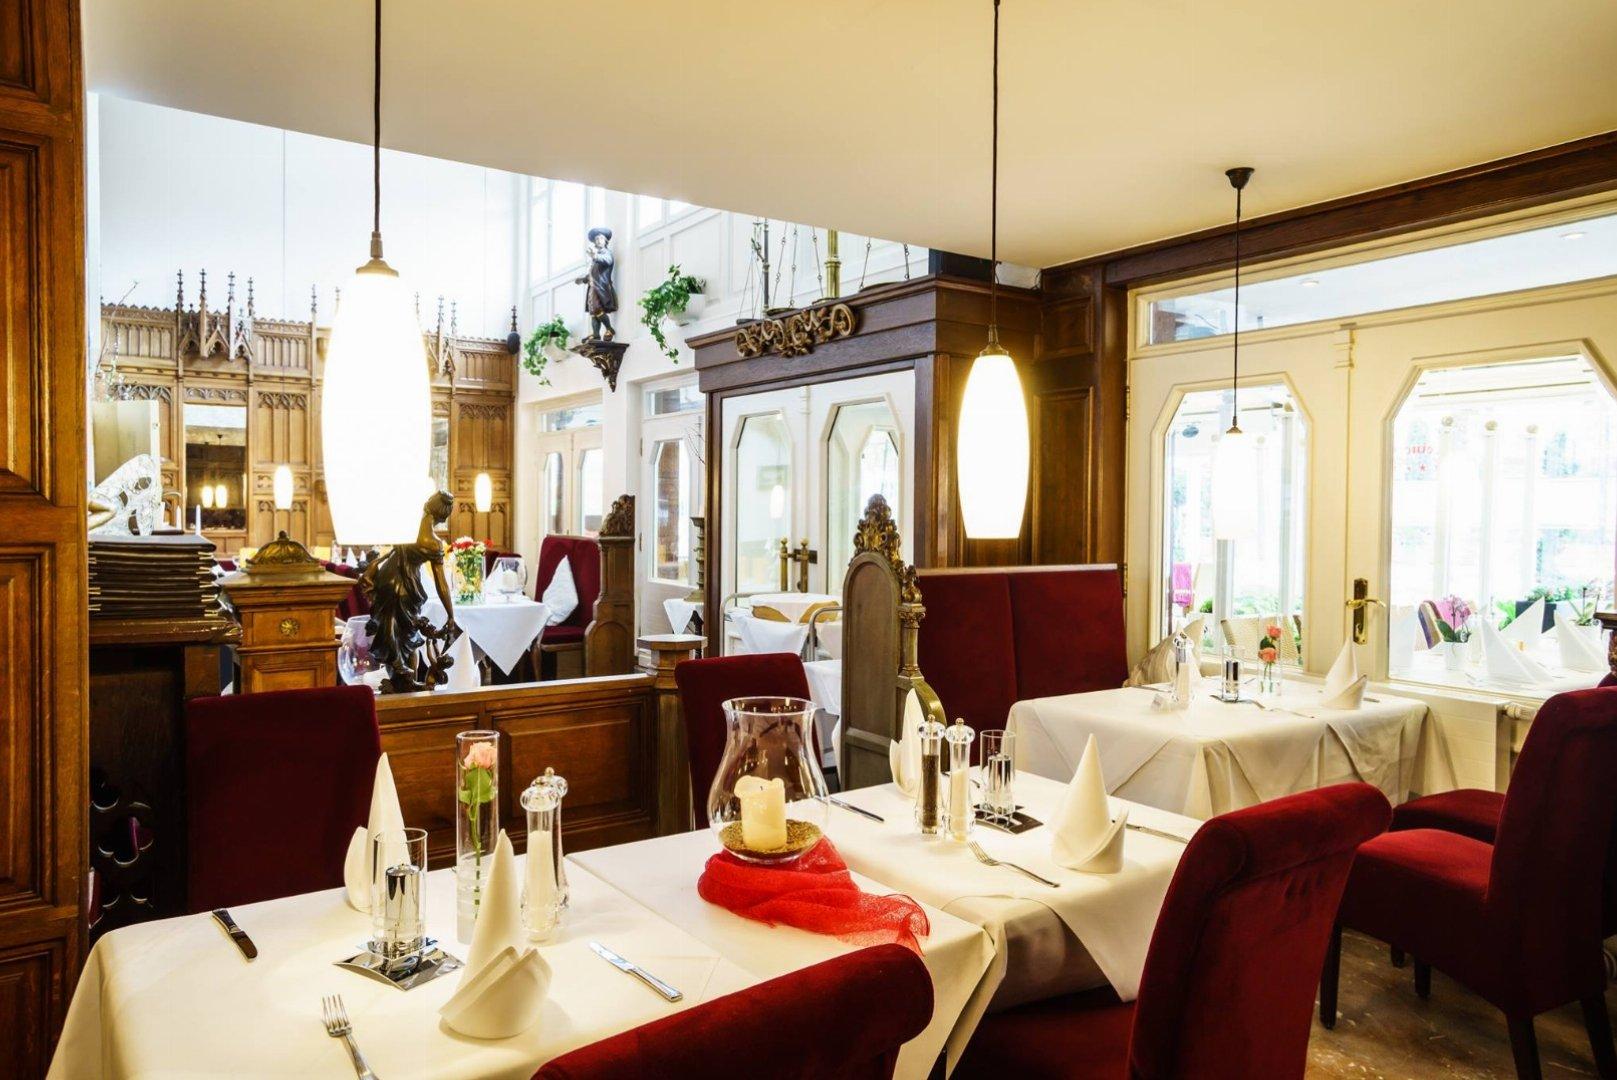 Hotel & Restaurant Holsteiner Hof GmbH in 23669 Timmendorfer Strand